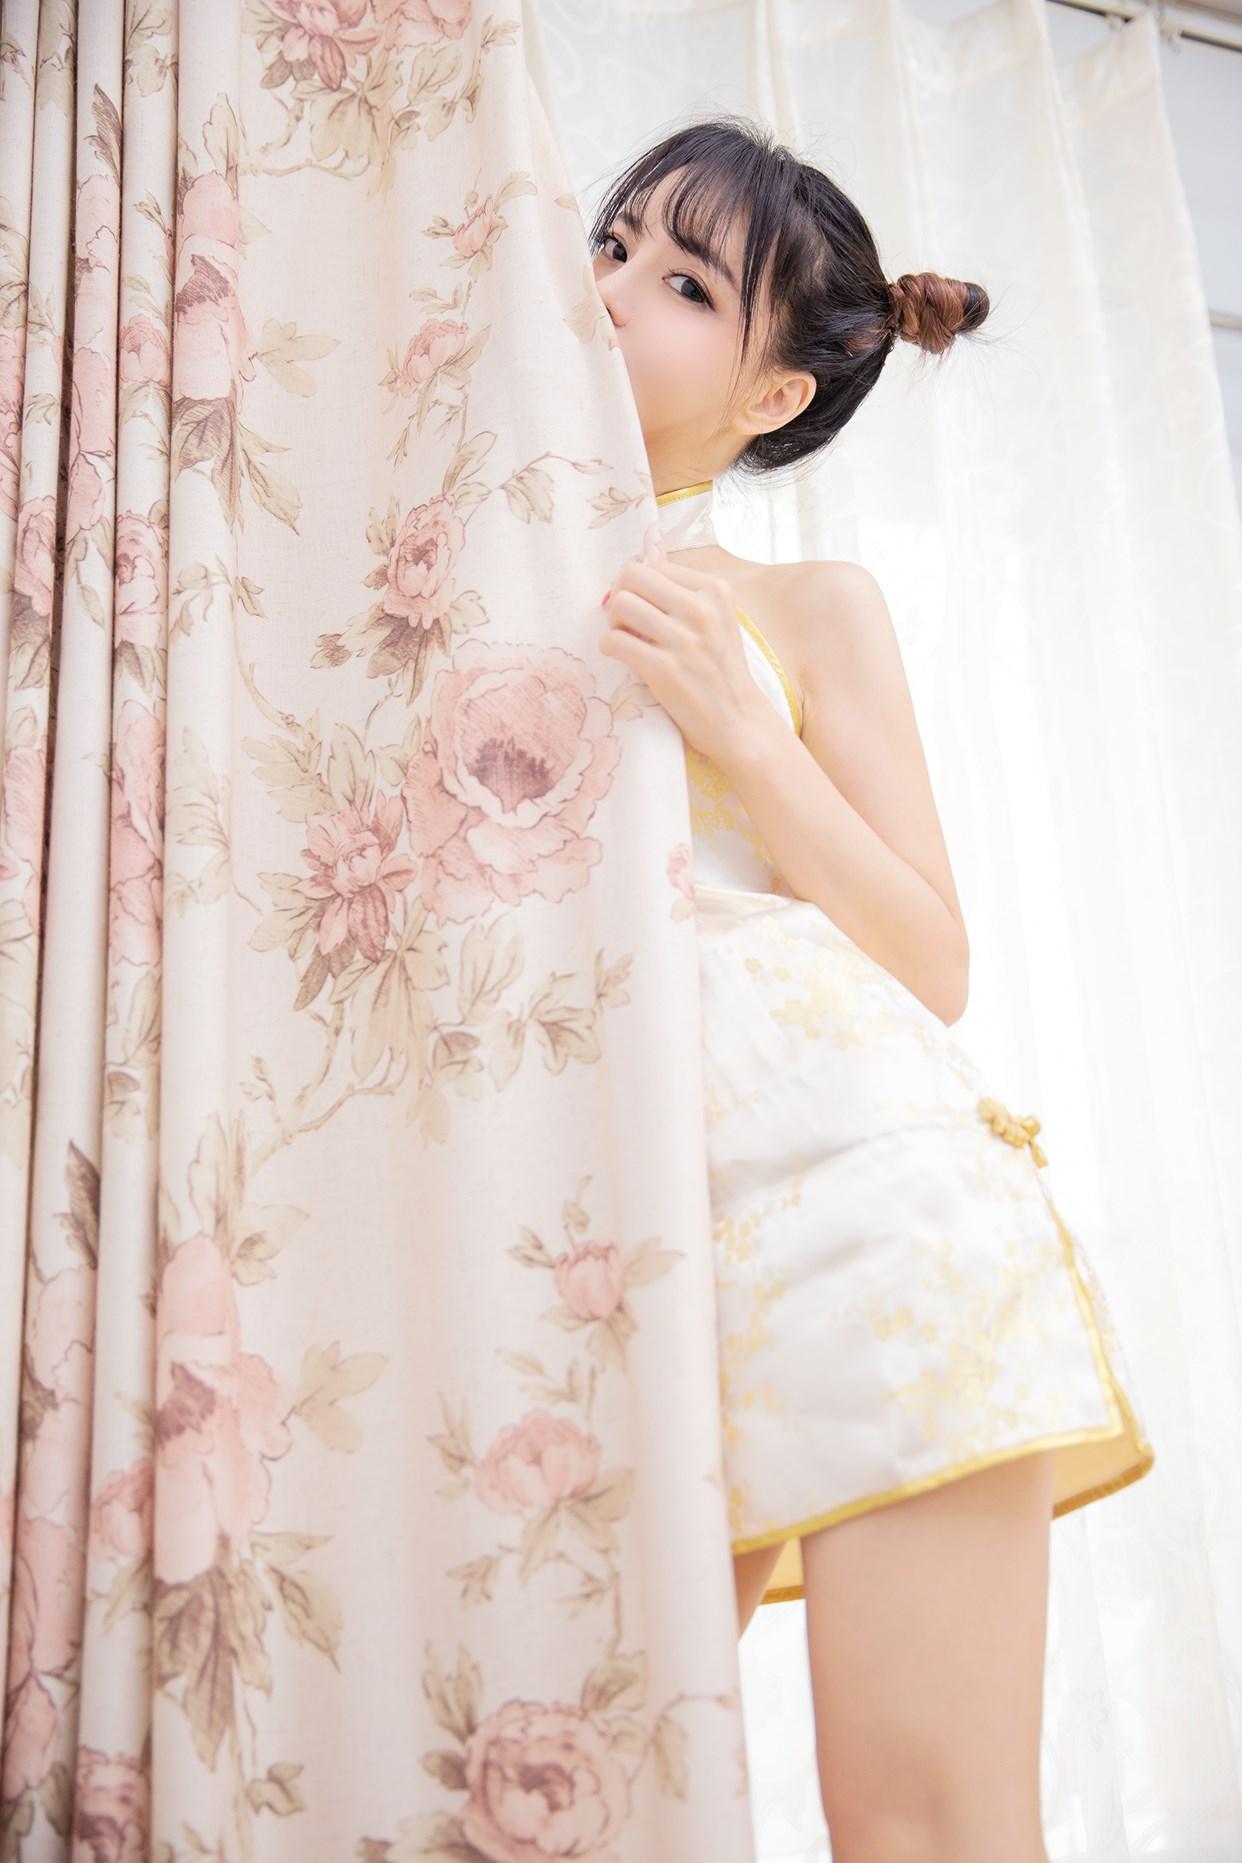 【兔玩映画】诱惑旗袍 兔玩映画 第37张